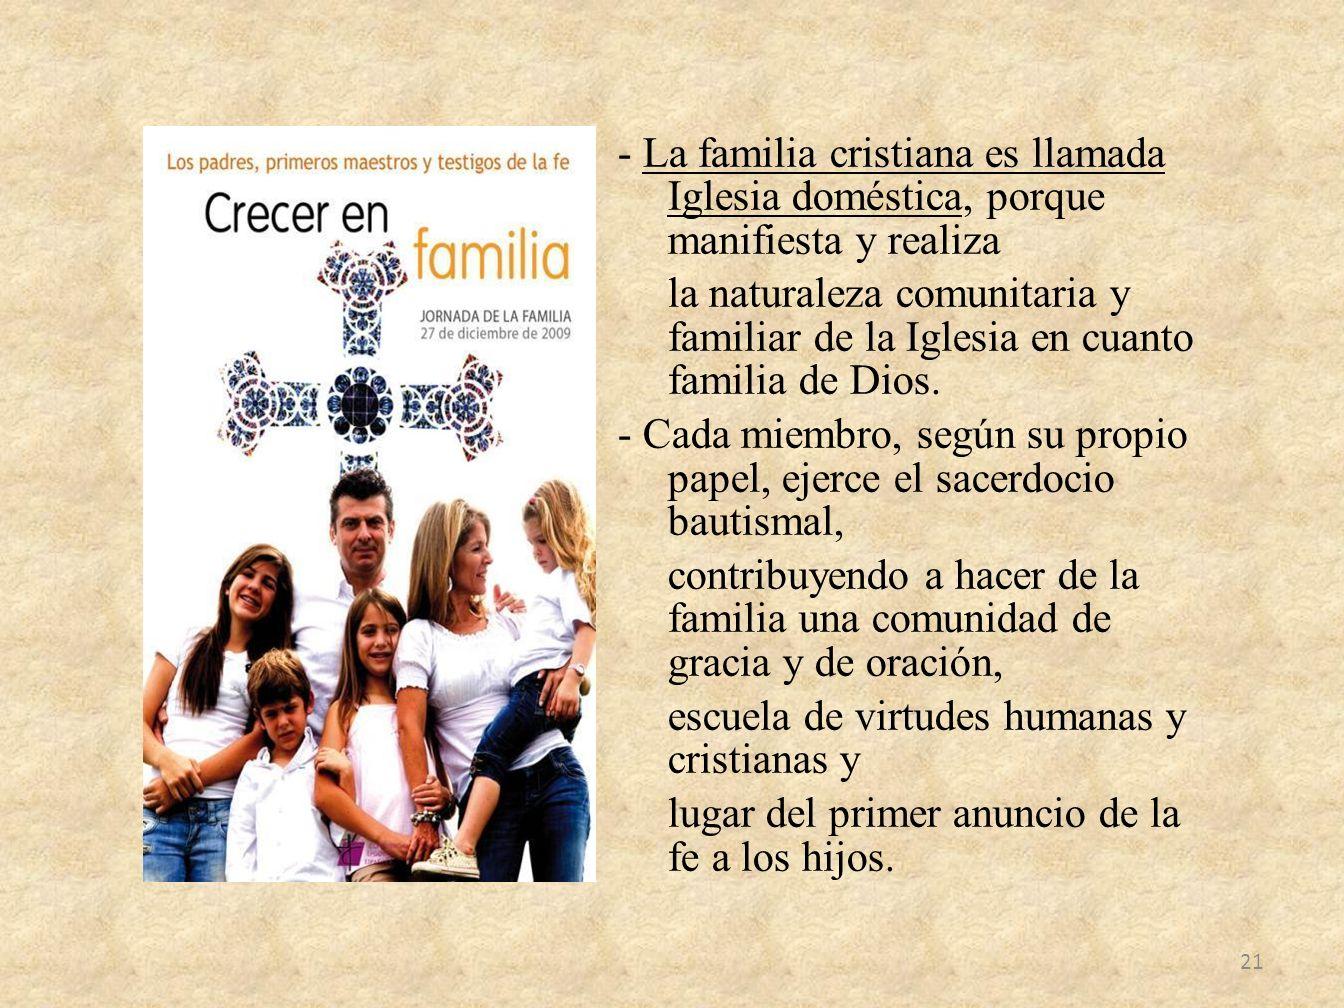 - La familia cristiana es llamada Iglesia doméstica, porque manifiesta y realiza la naturaleza comunitaria y familiar de la Iglesia en cuanto familia